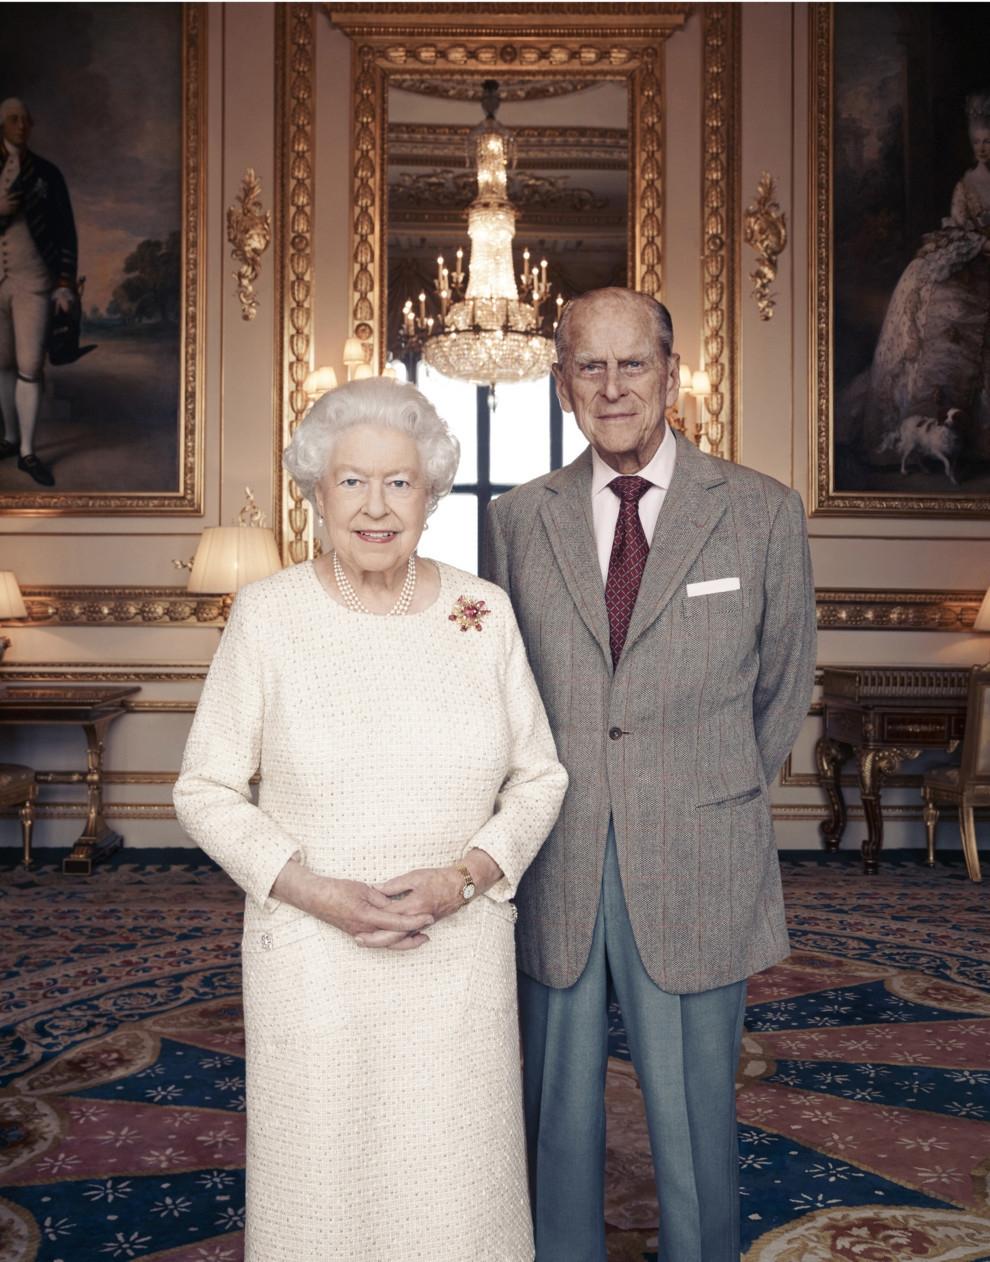 Королевское перемирие: принцы Гарри и Уильям с супругами обменялись рождественскими подарками - фото №3